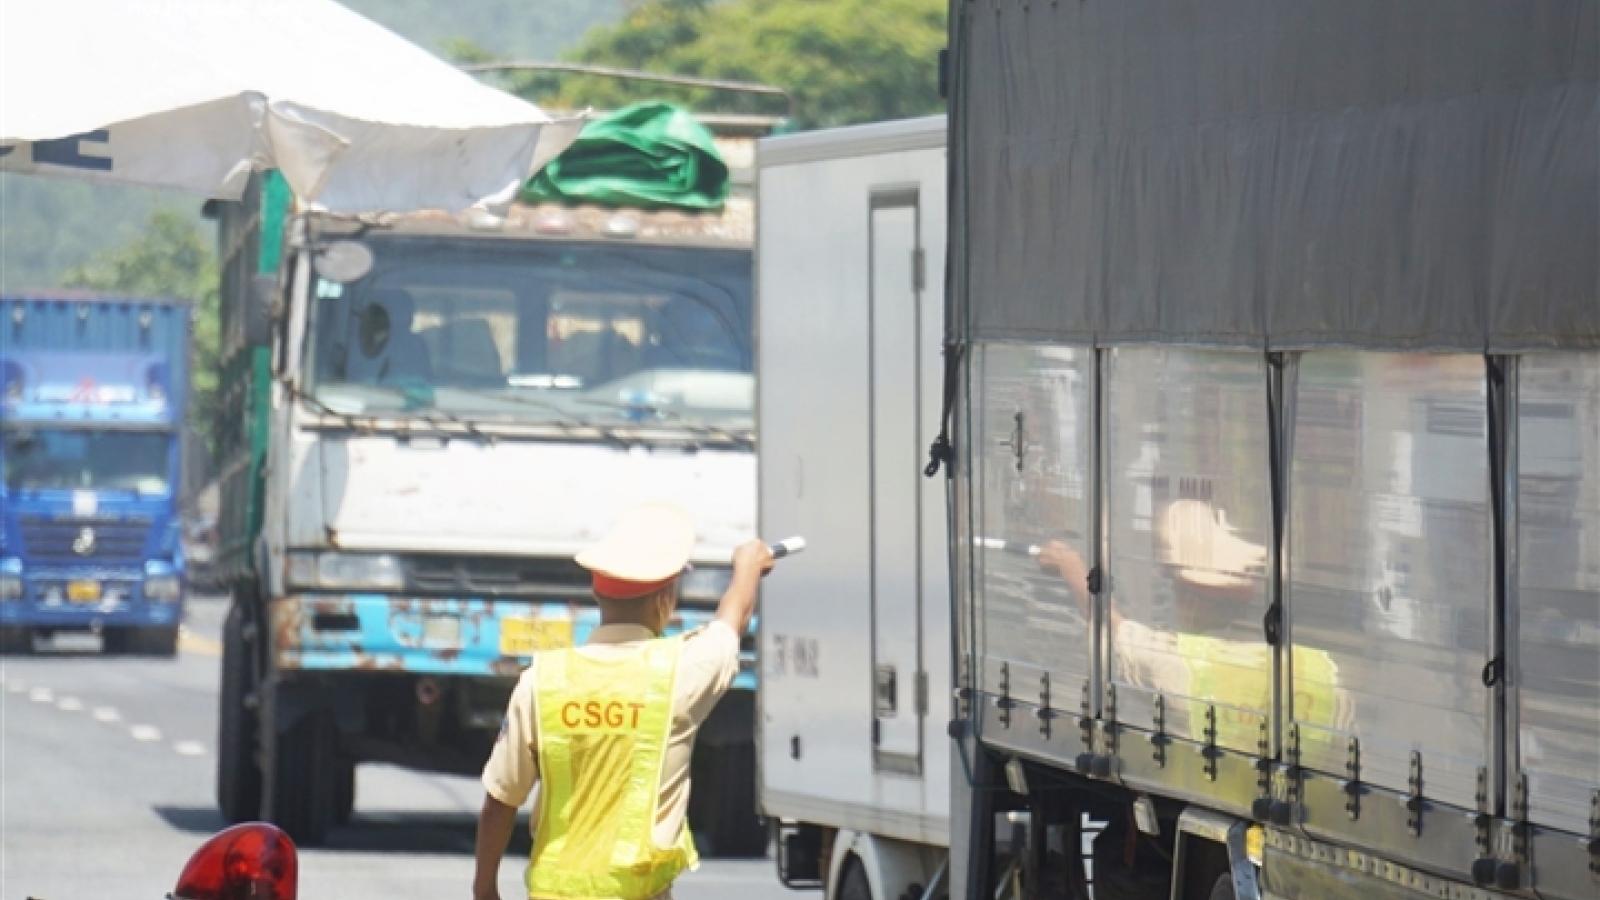 Tráo tài xế để đưa xe hàng từ TP.HCM qua chốt kiểm soát vào Đà Nẵng